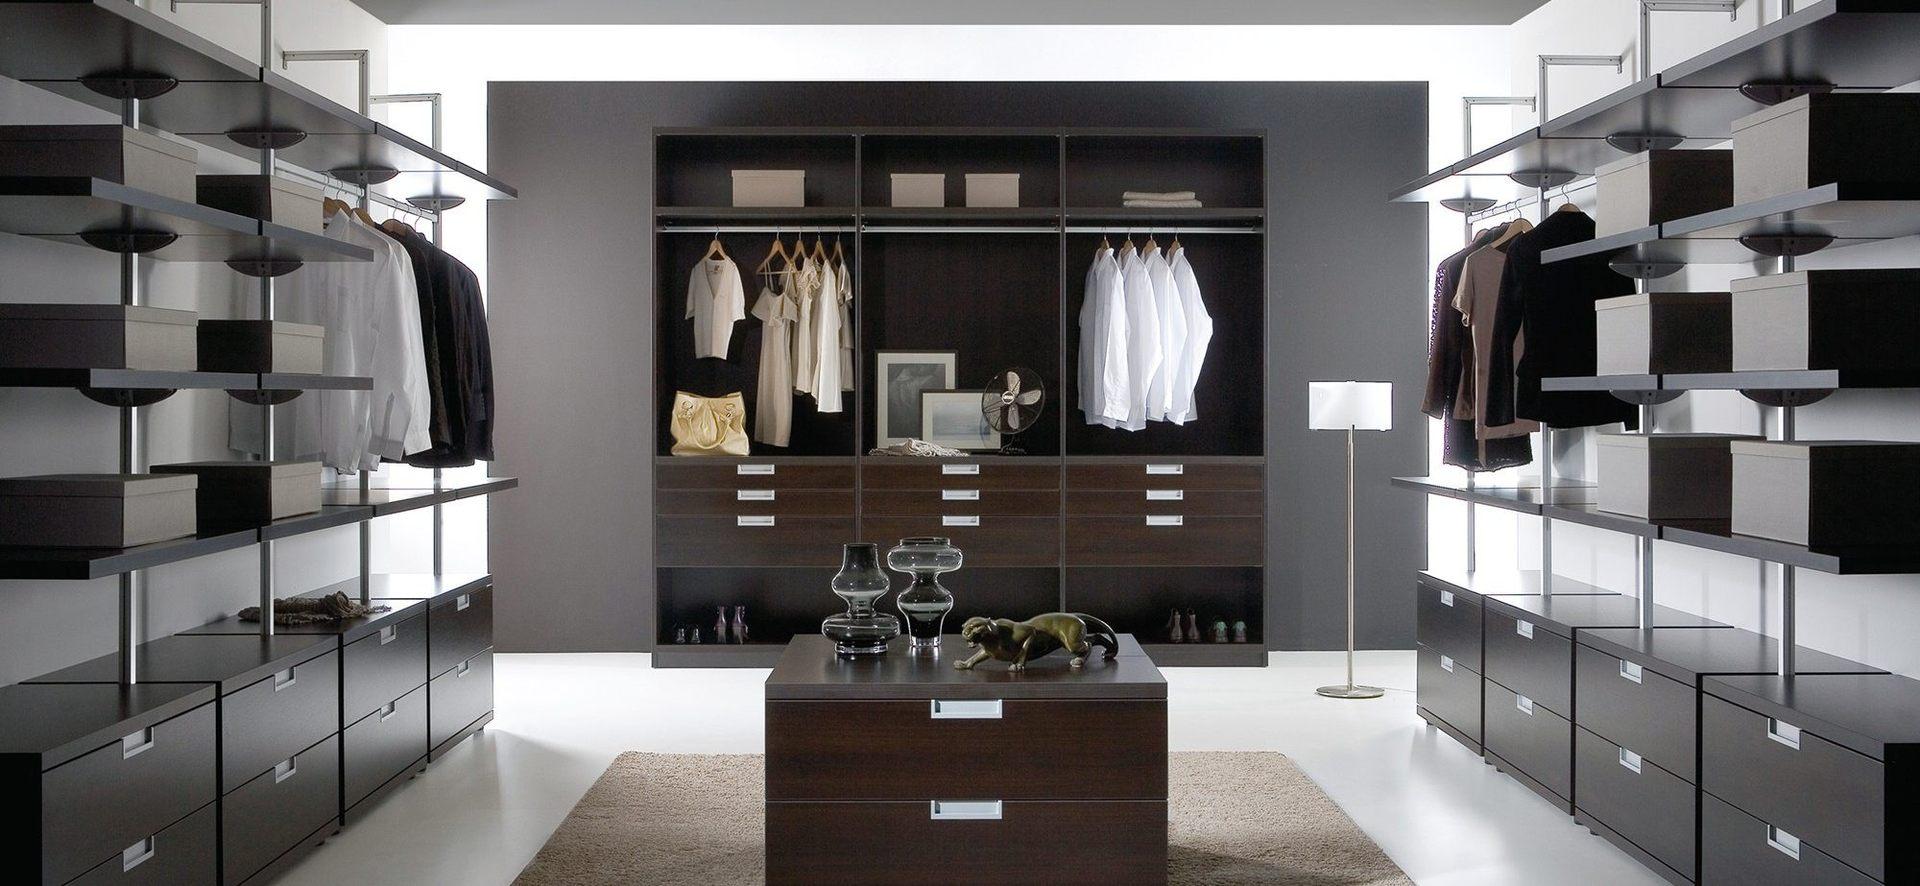 Begehbare Kleiderschränke – Inspiration | Sommerlad